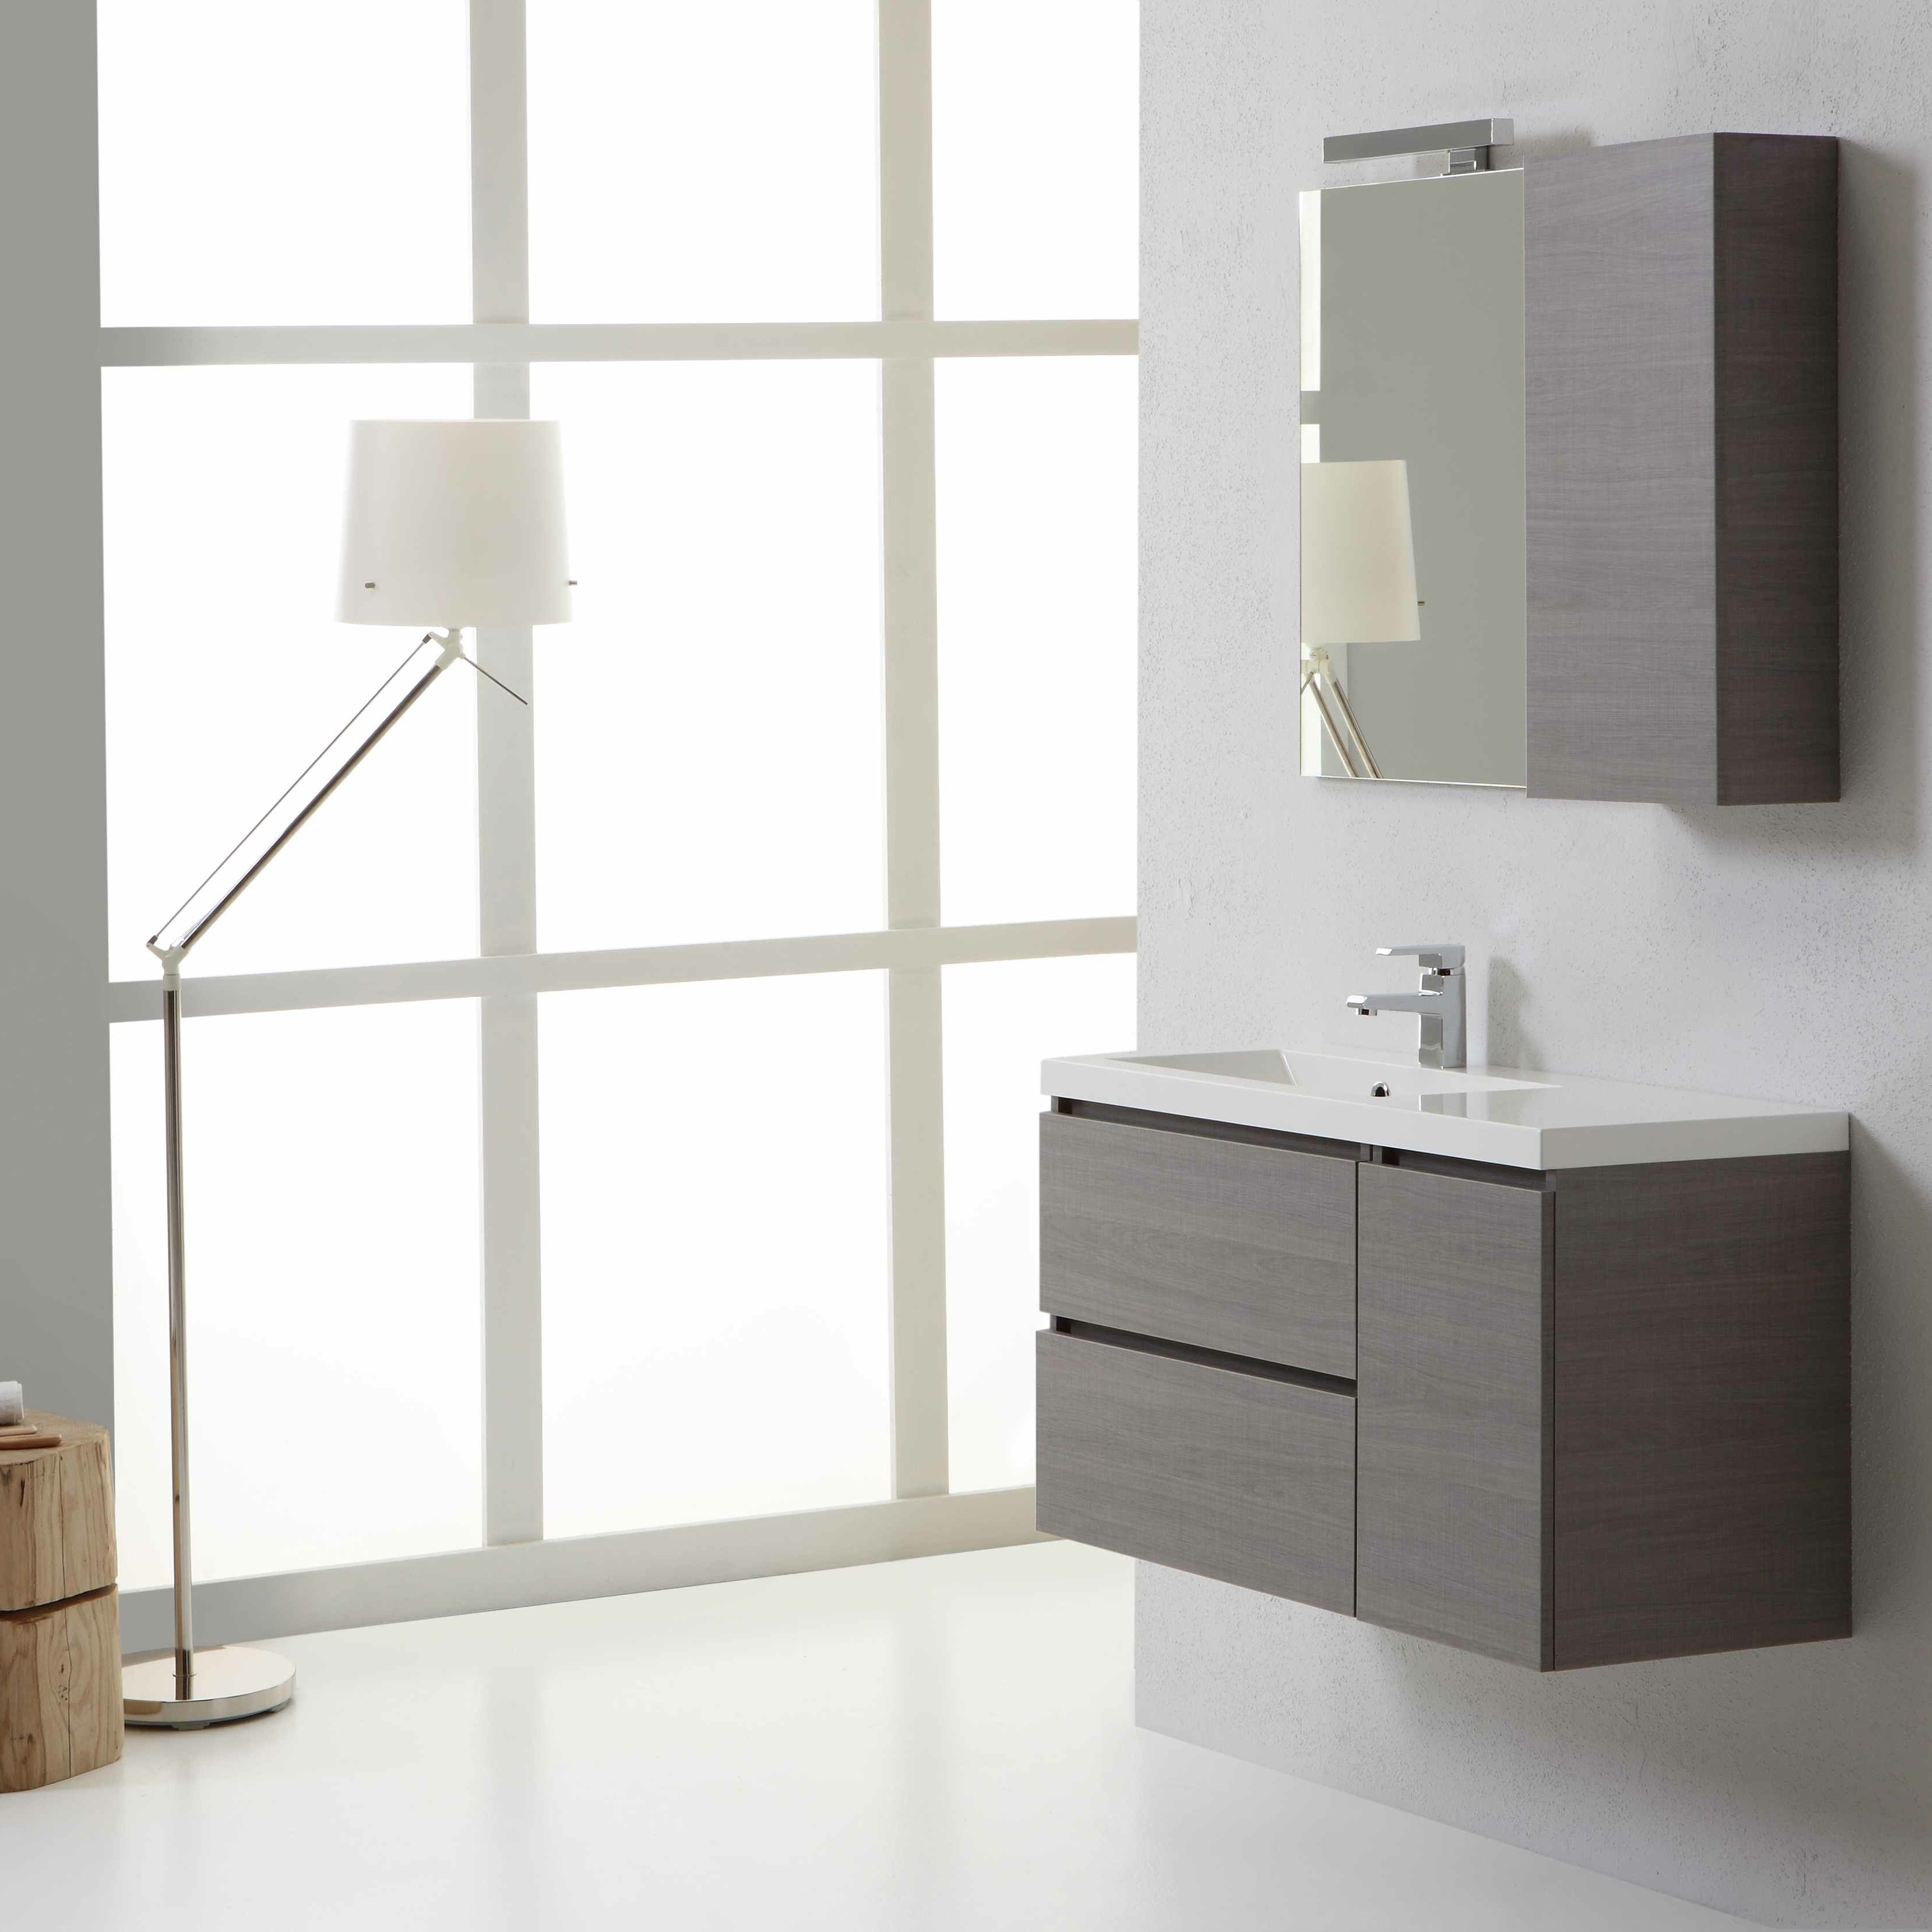 Mobile da bagno finitura grigio moderno disponibile online in varie ...